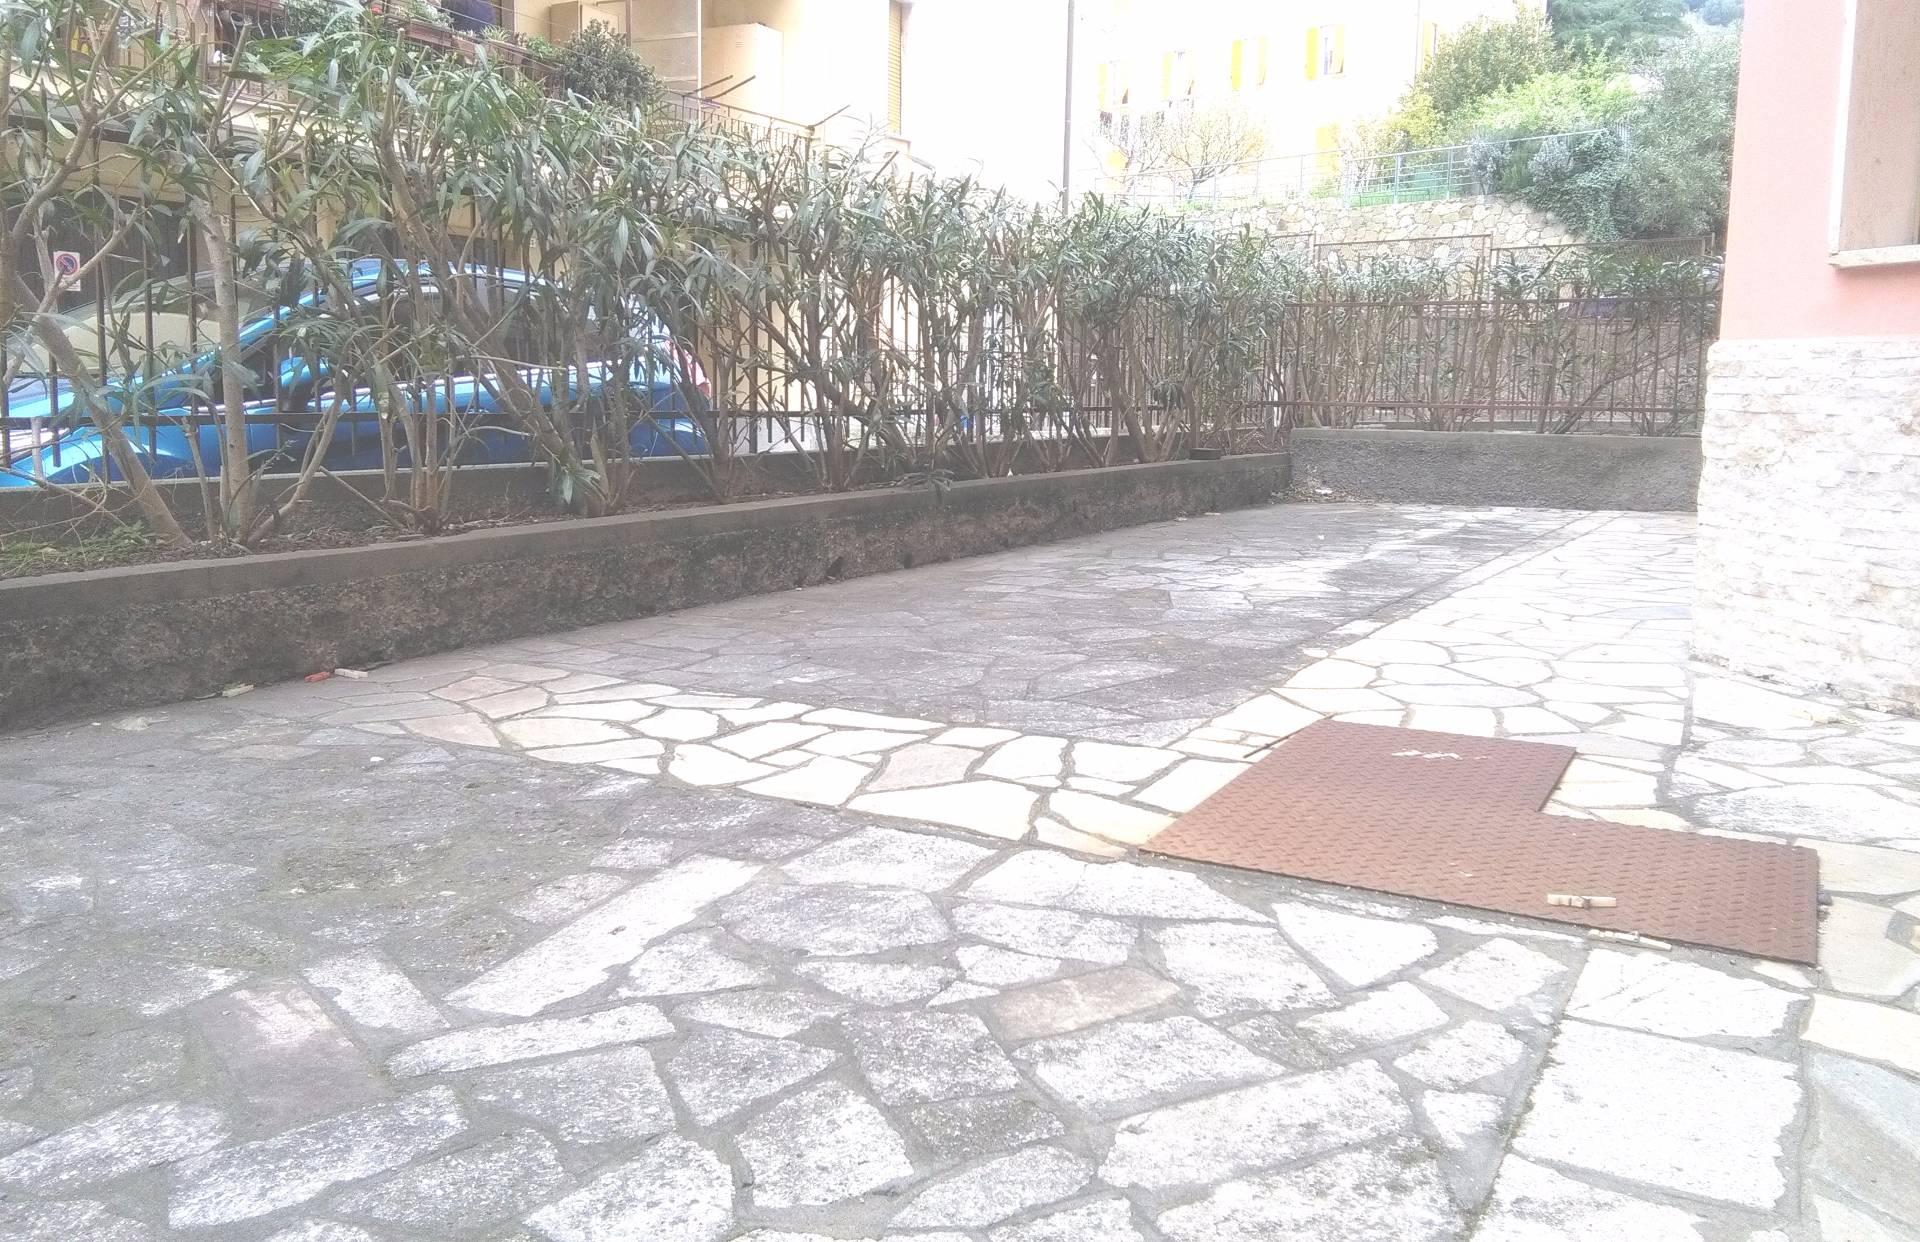 Appartamento in vendita a Arenzano, 3 locali, zona Località: Stazione, prezzo € 250.000 | Cambio Casa.it